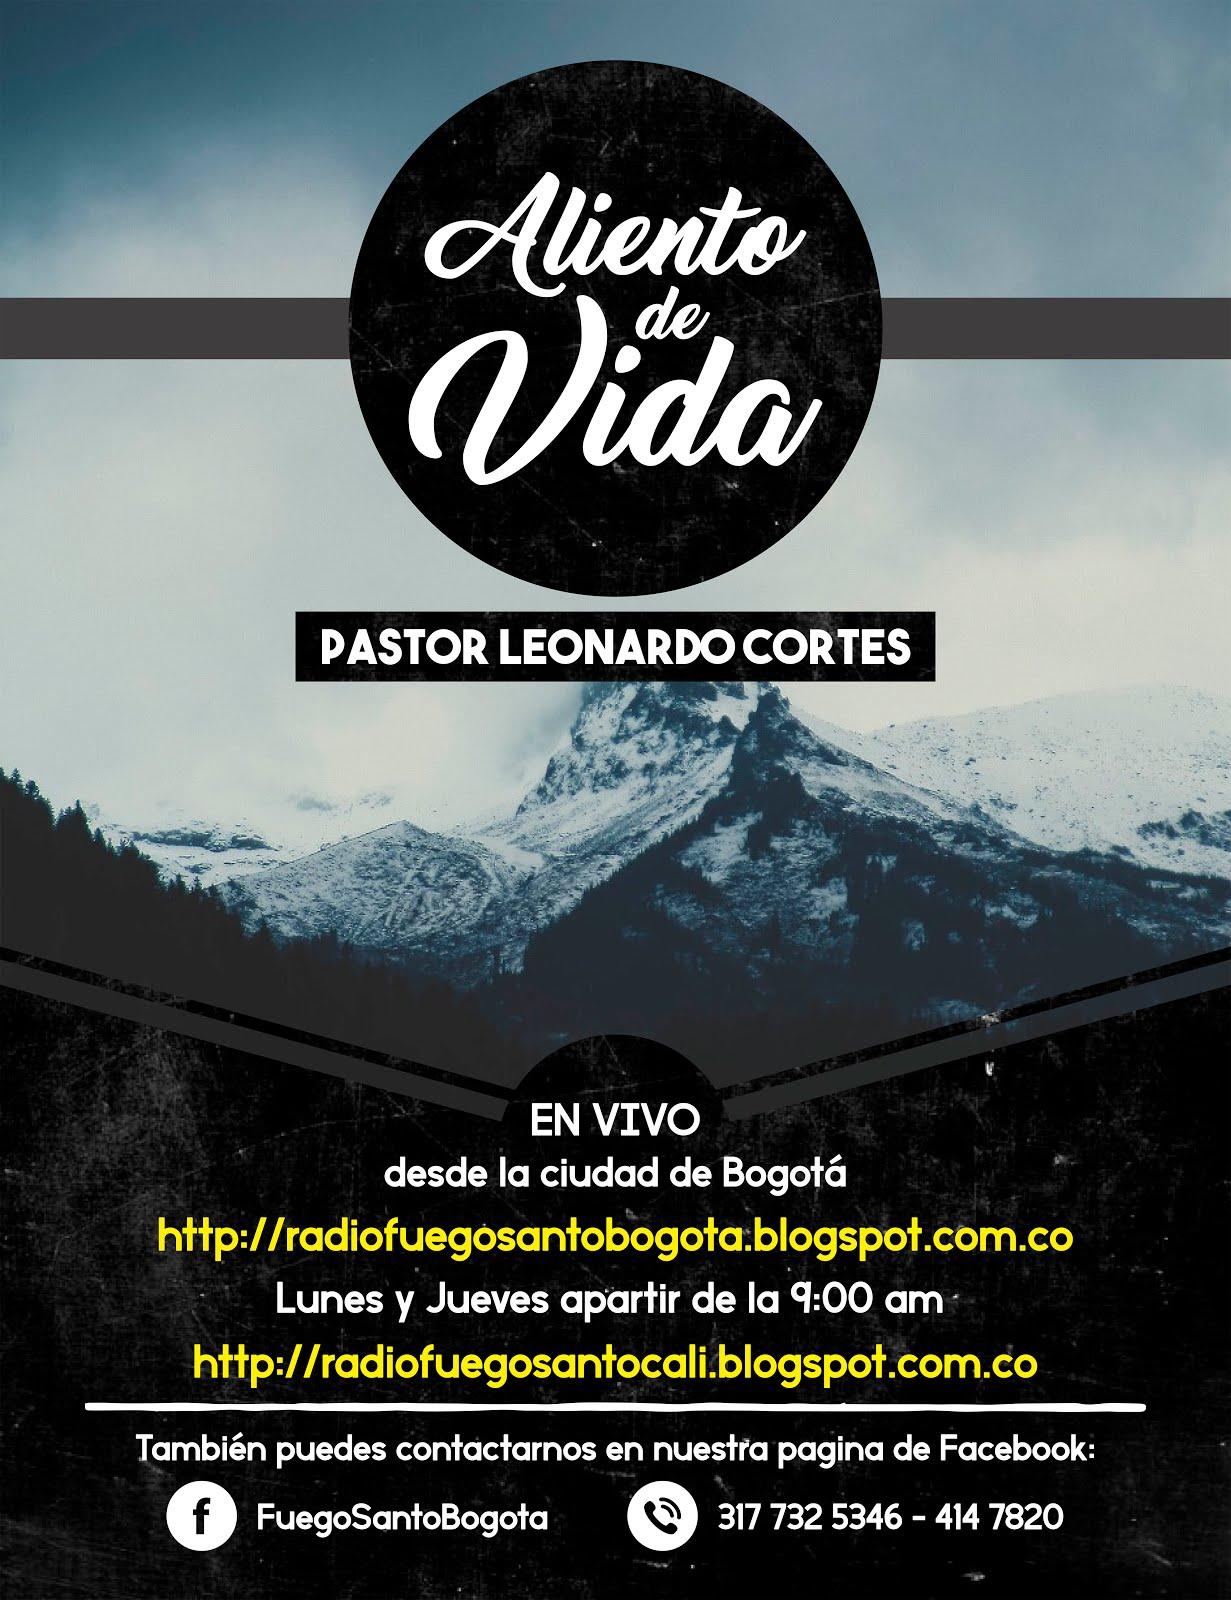 ALIENTO DE VIDA (PROGRAMA RADIAL)